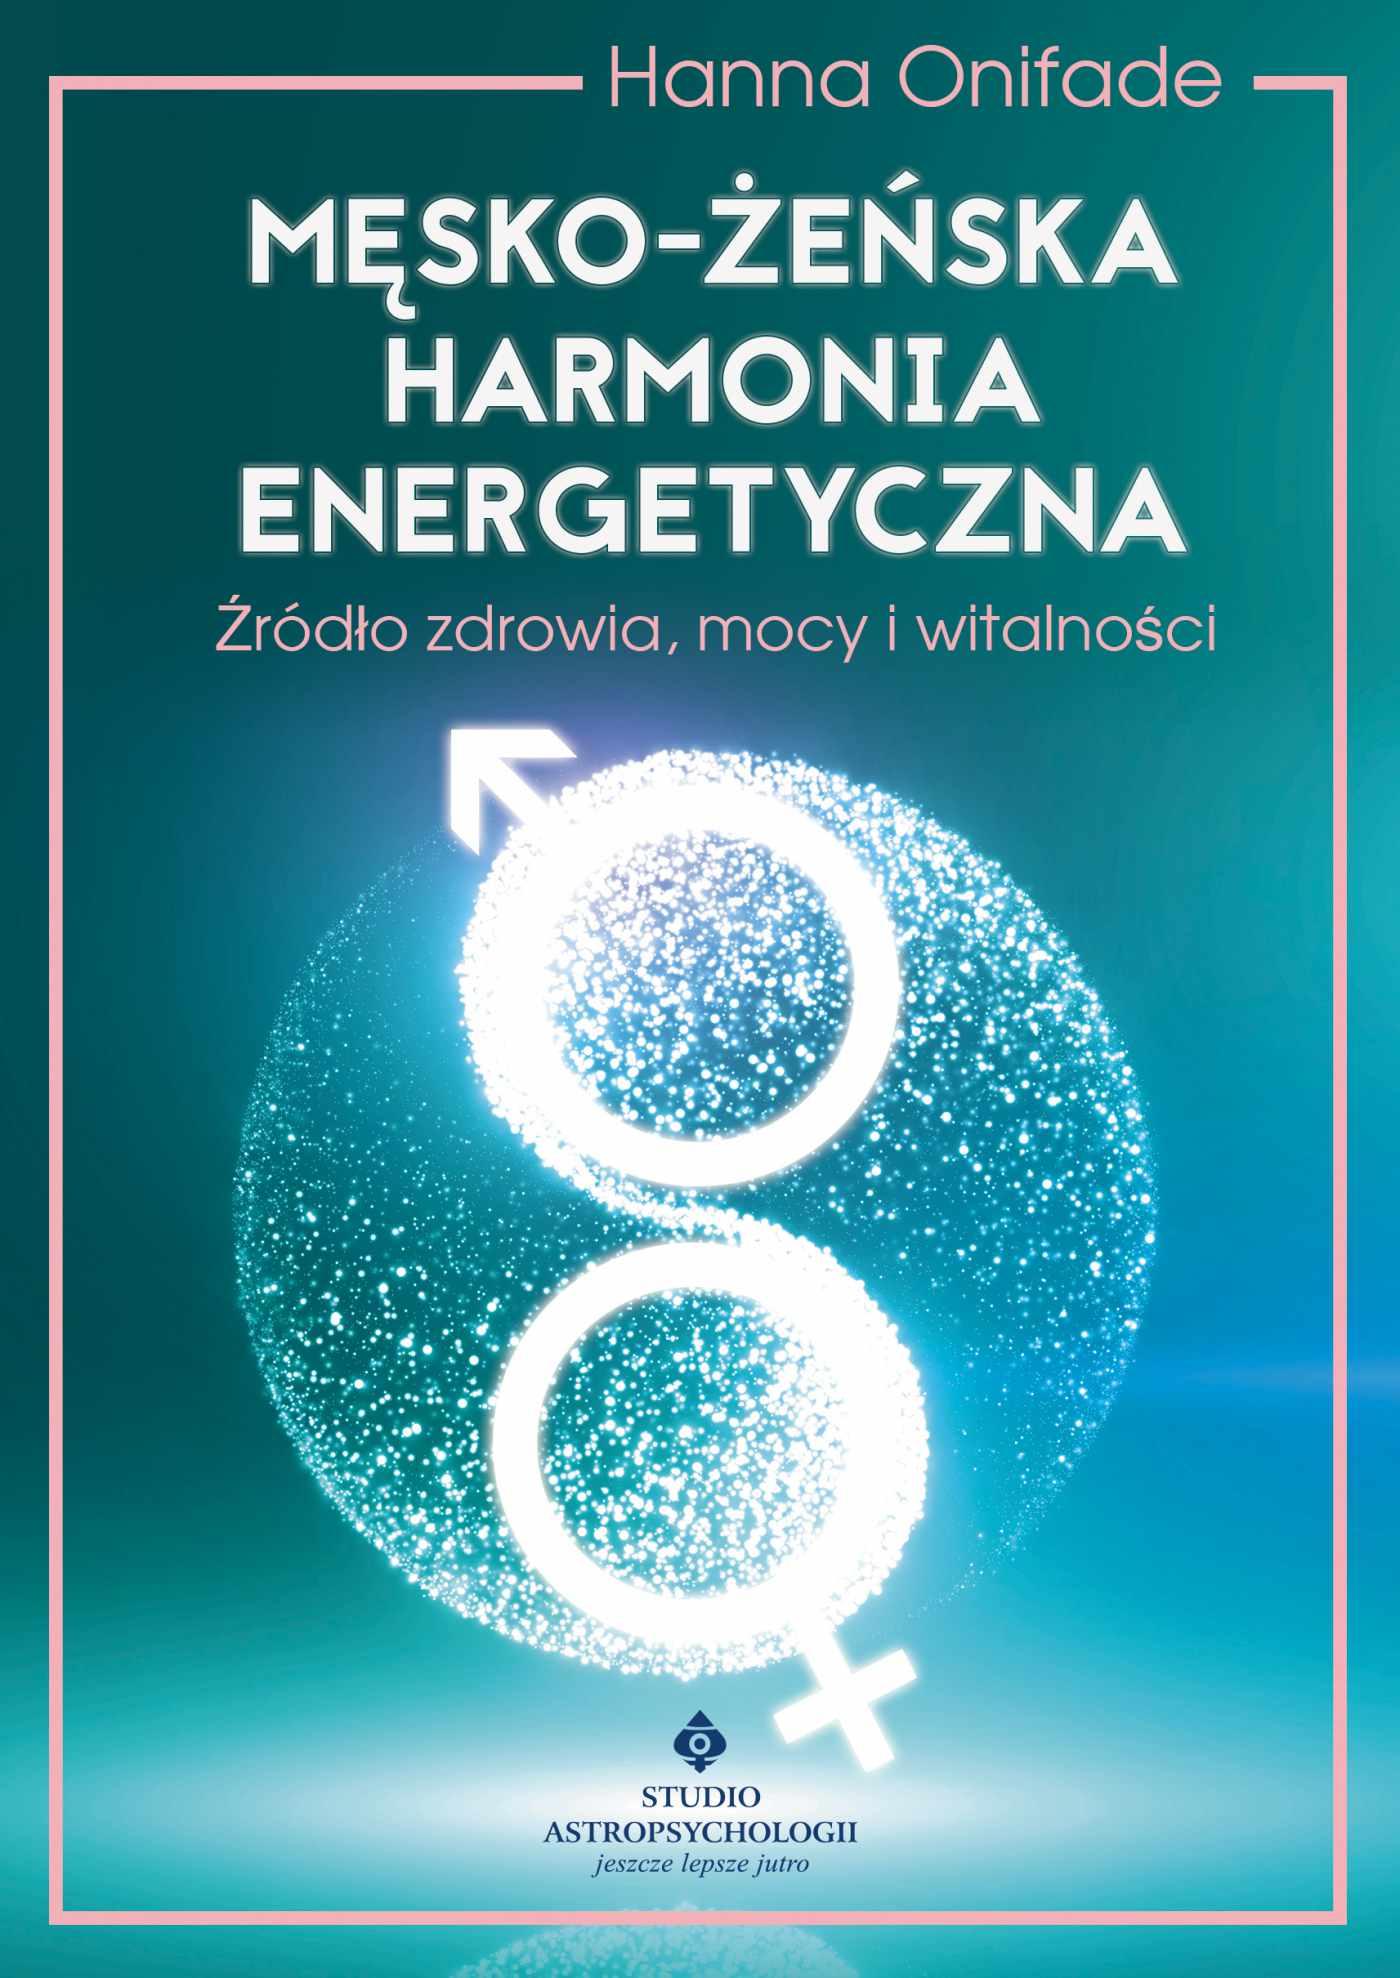 Męsko-żeńska harmonia energetyczna - Ebook (Książka EPUB) do pobrania w formacie EPUB